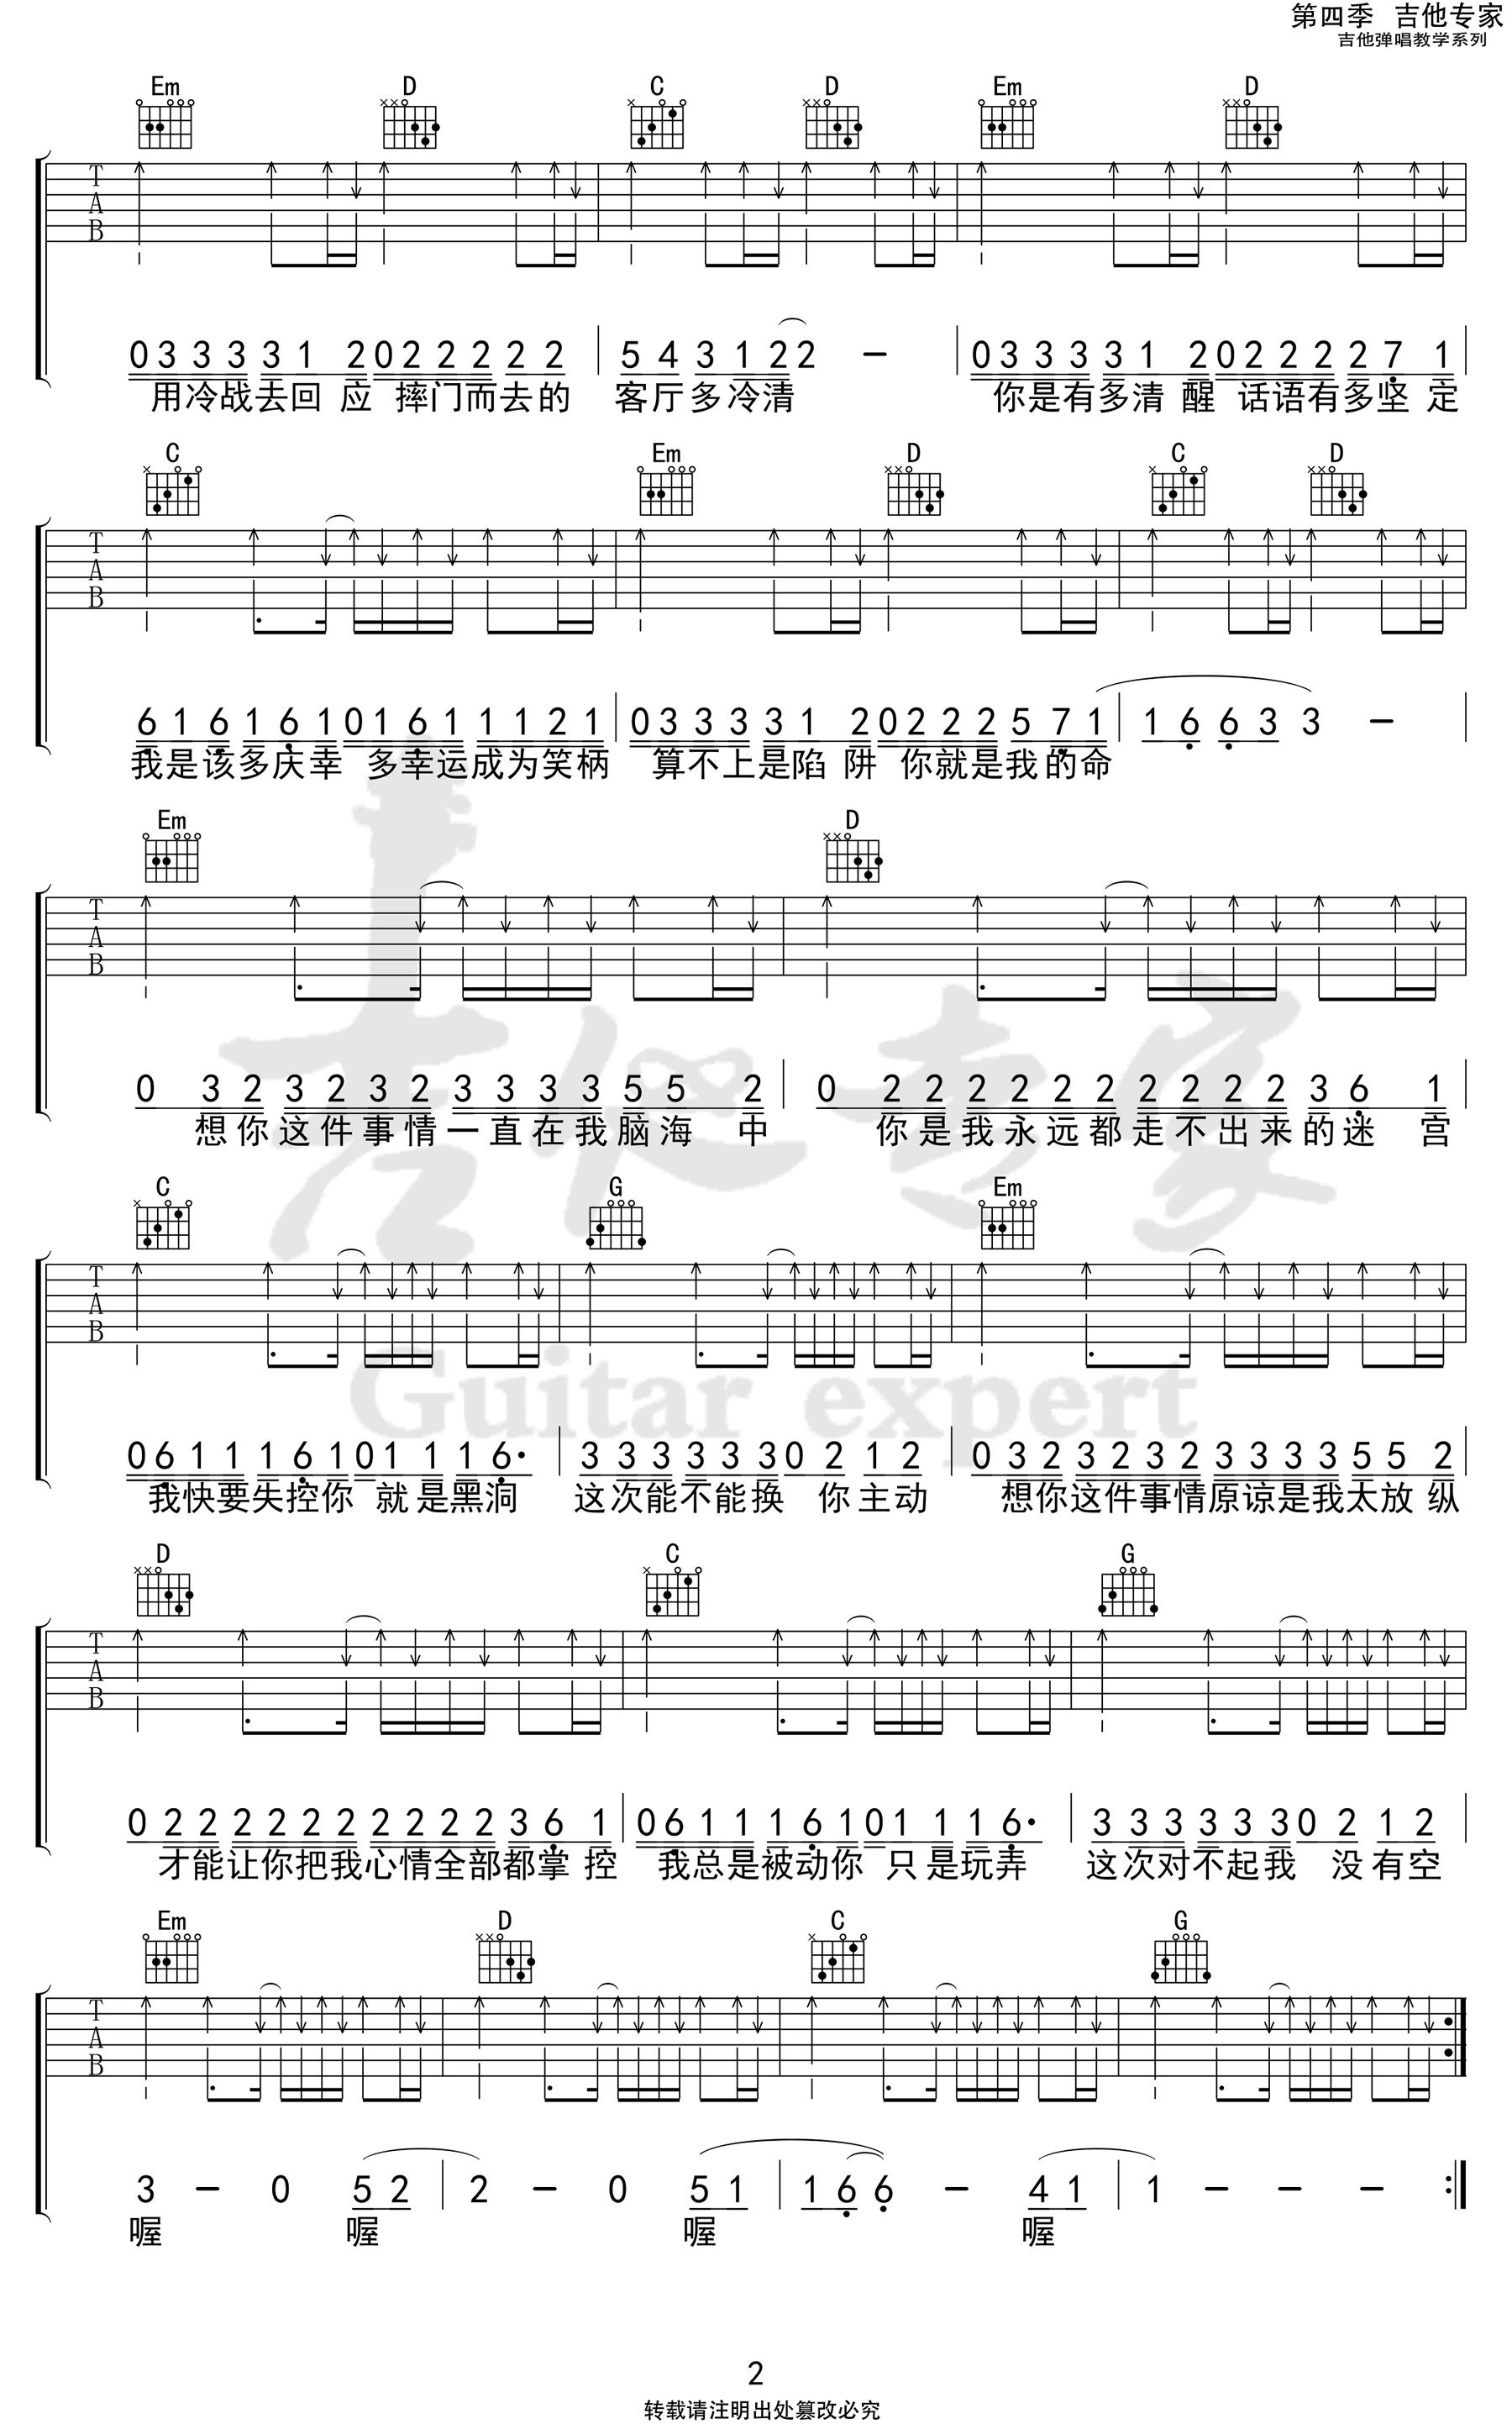 许佳豪-想你这件事吉他谱-2